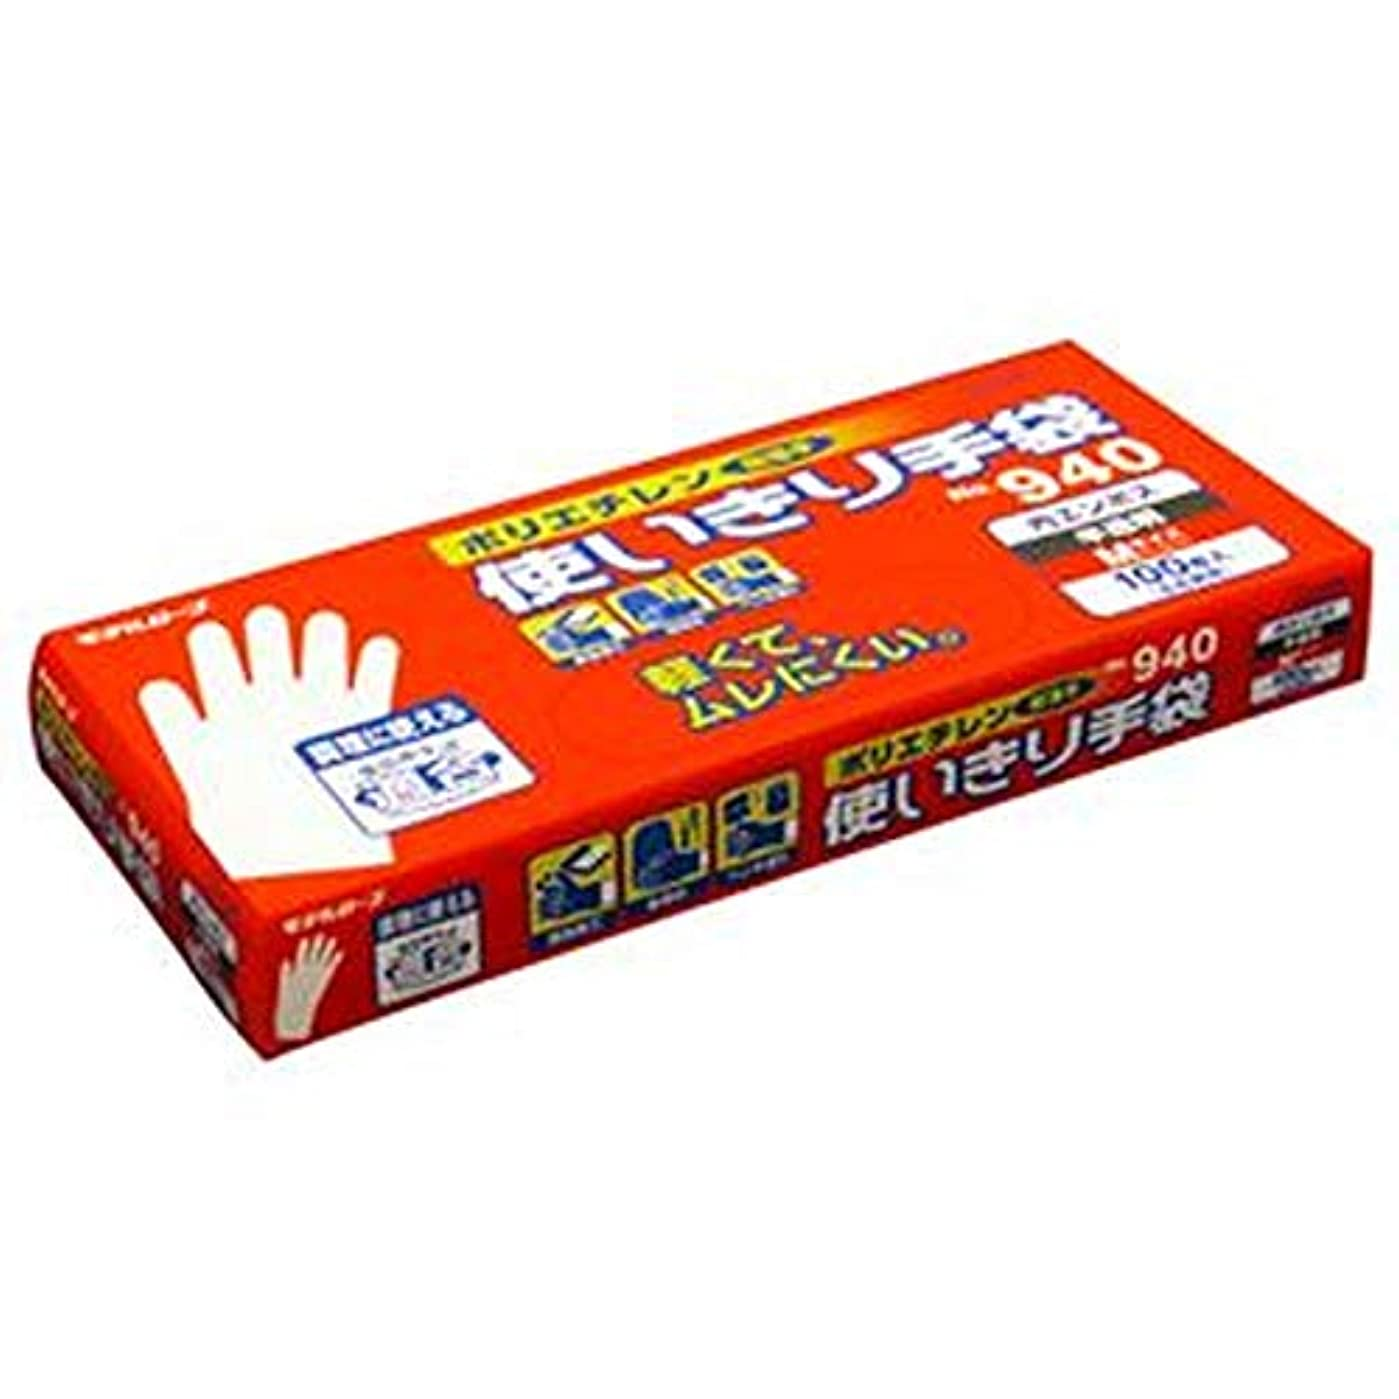 追加するモンク補充- まとめ - / エステー/No.940 / ポリエチレン使いきり手袋 - 内エンボス - / M / 1箱 - 100枚 - / - ×10セット -